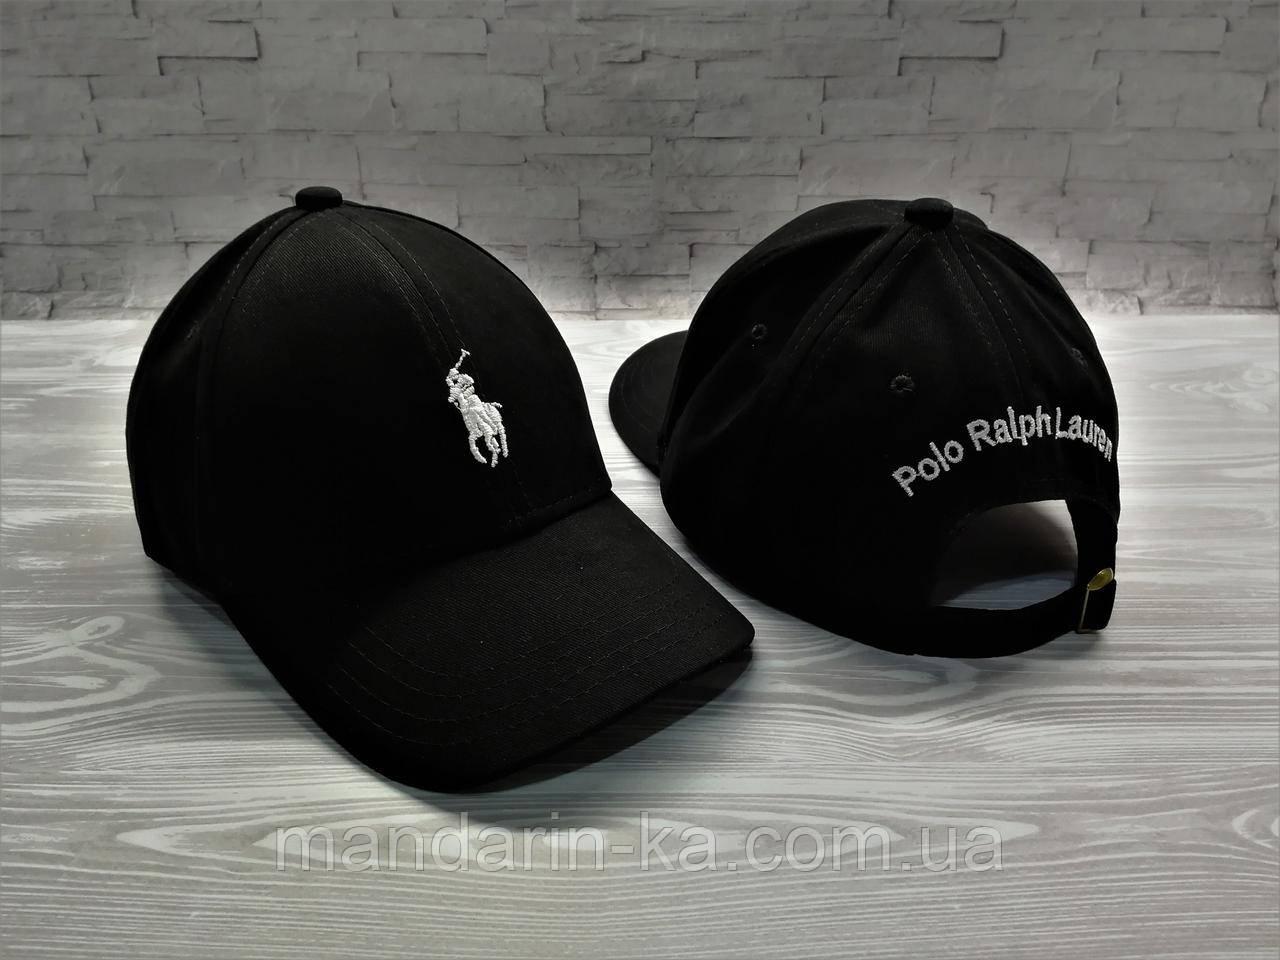 Мужская кепка черная брендовая реплика